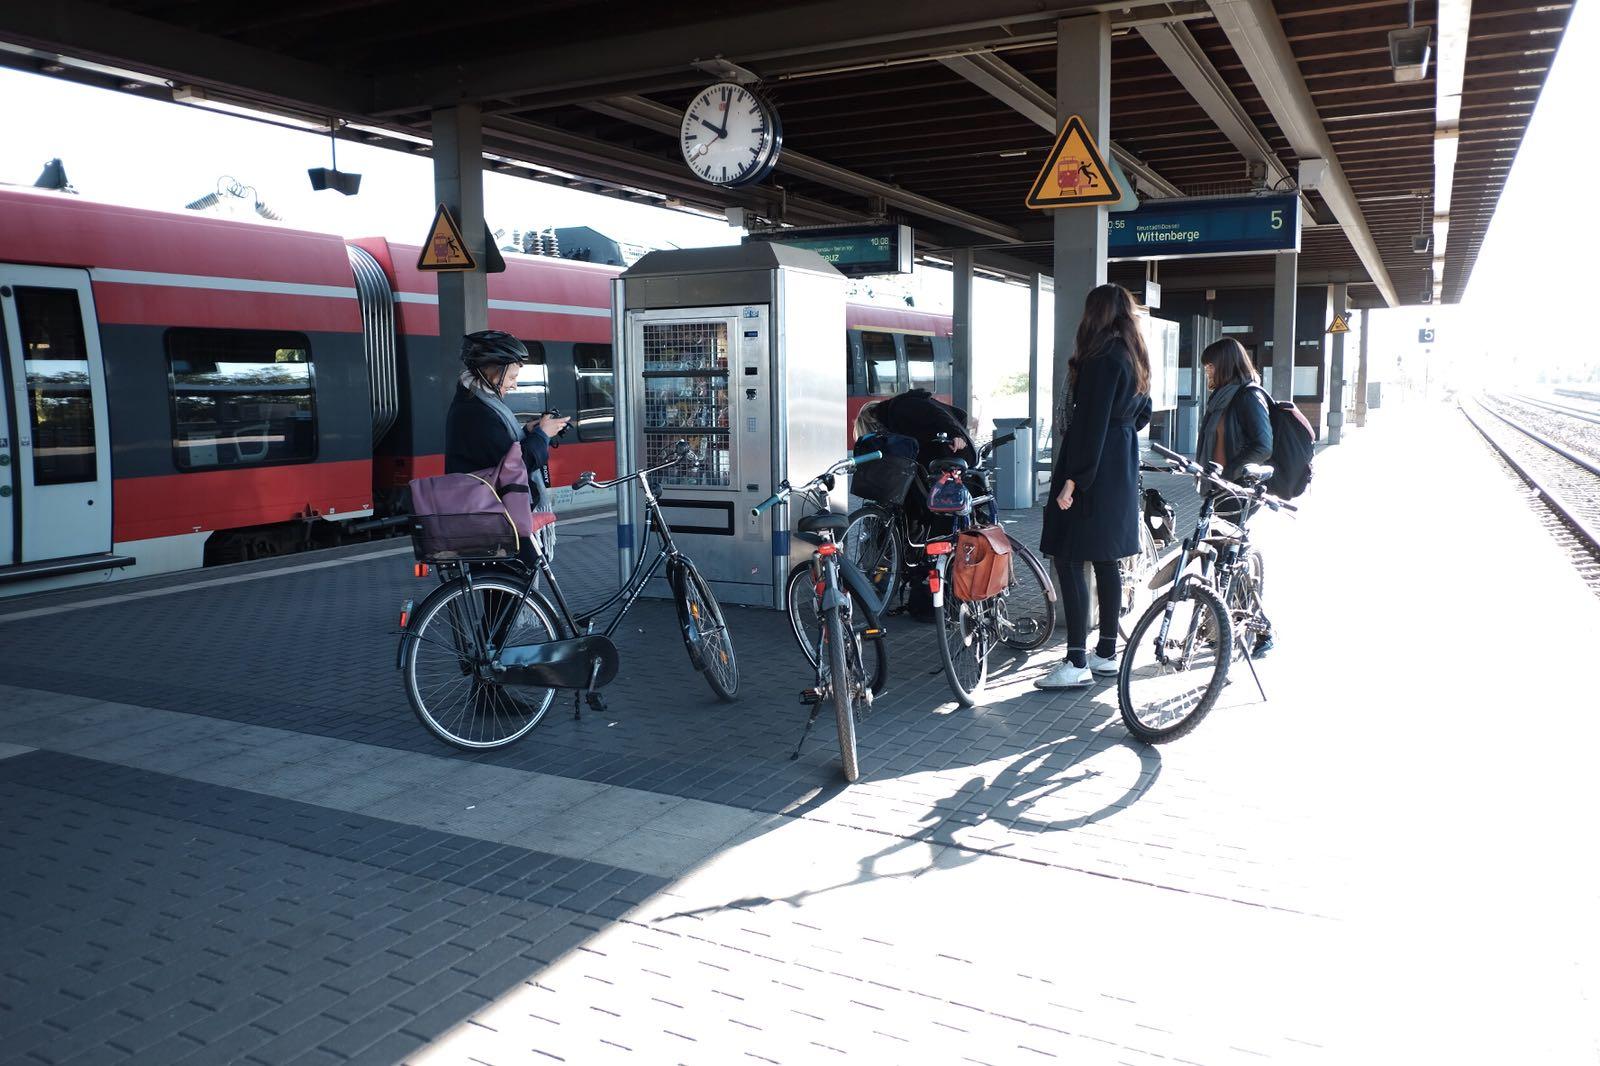 Ribbeck_wecyclebrandenburg18.jpg